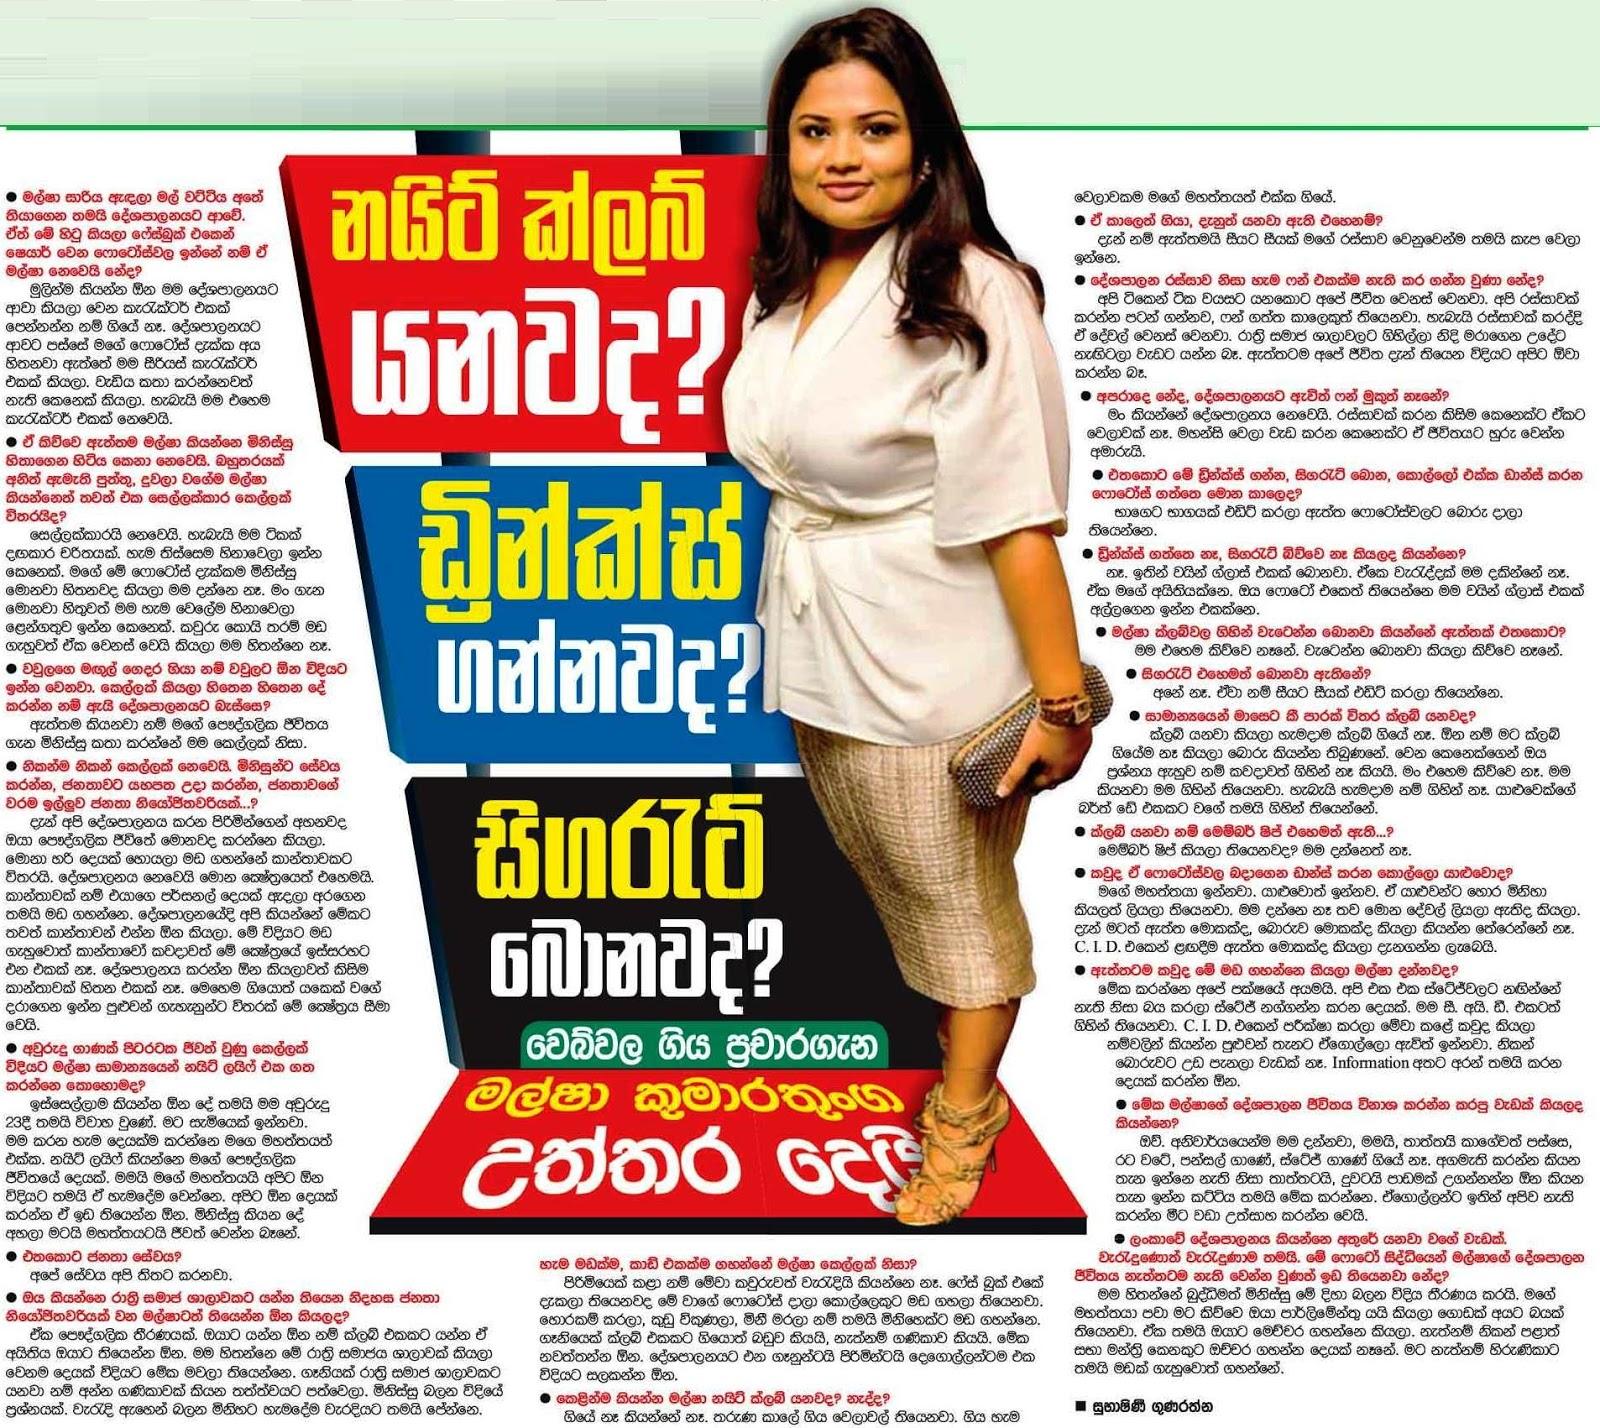 Sri Lanka Hot News Sinhala නය ට ක ලබ යනවද Malsha Kumarana